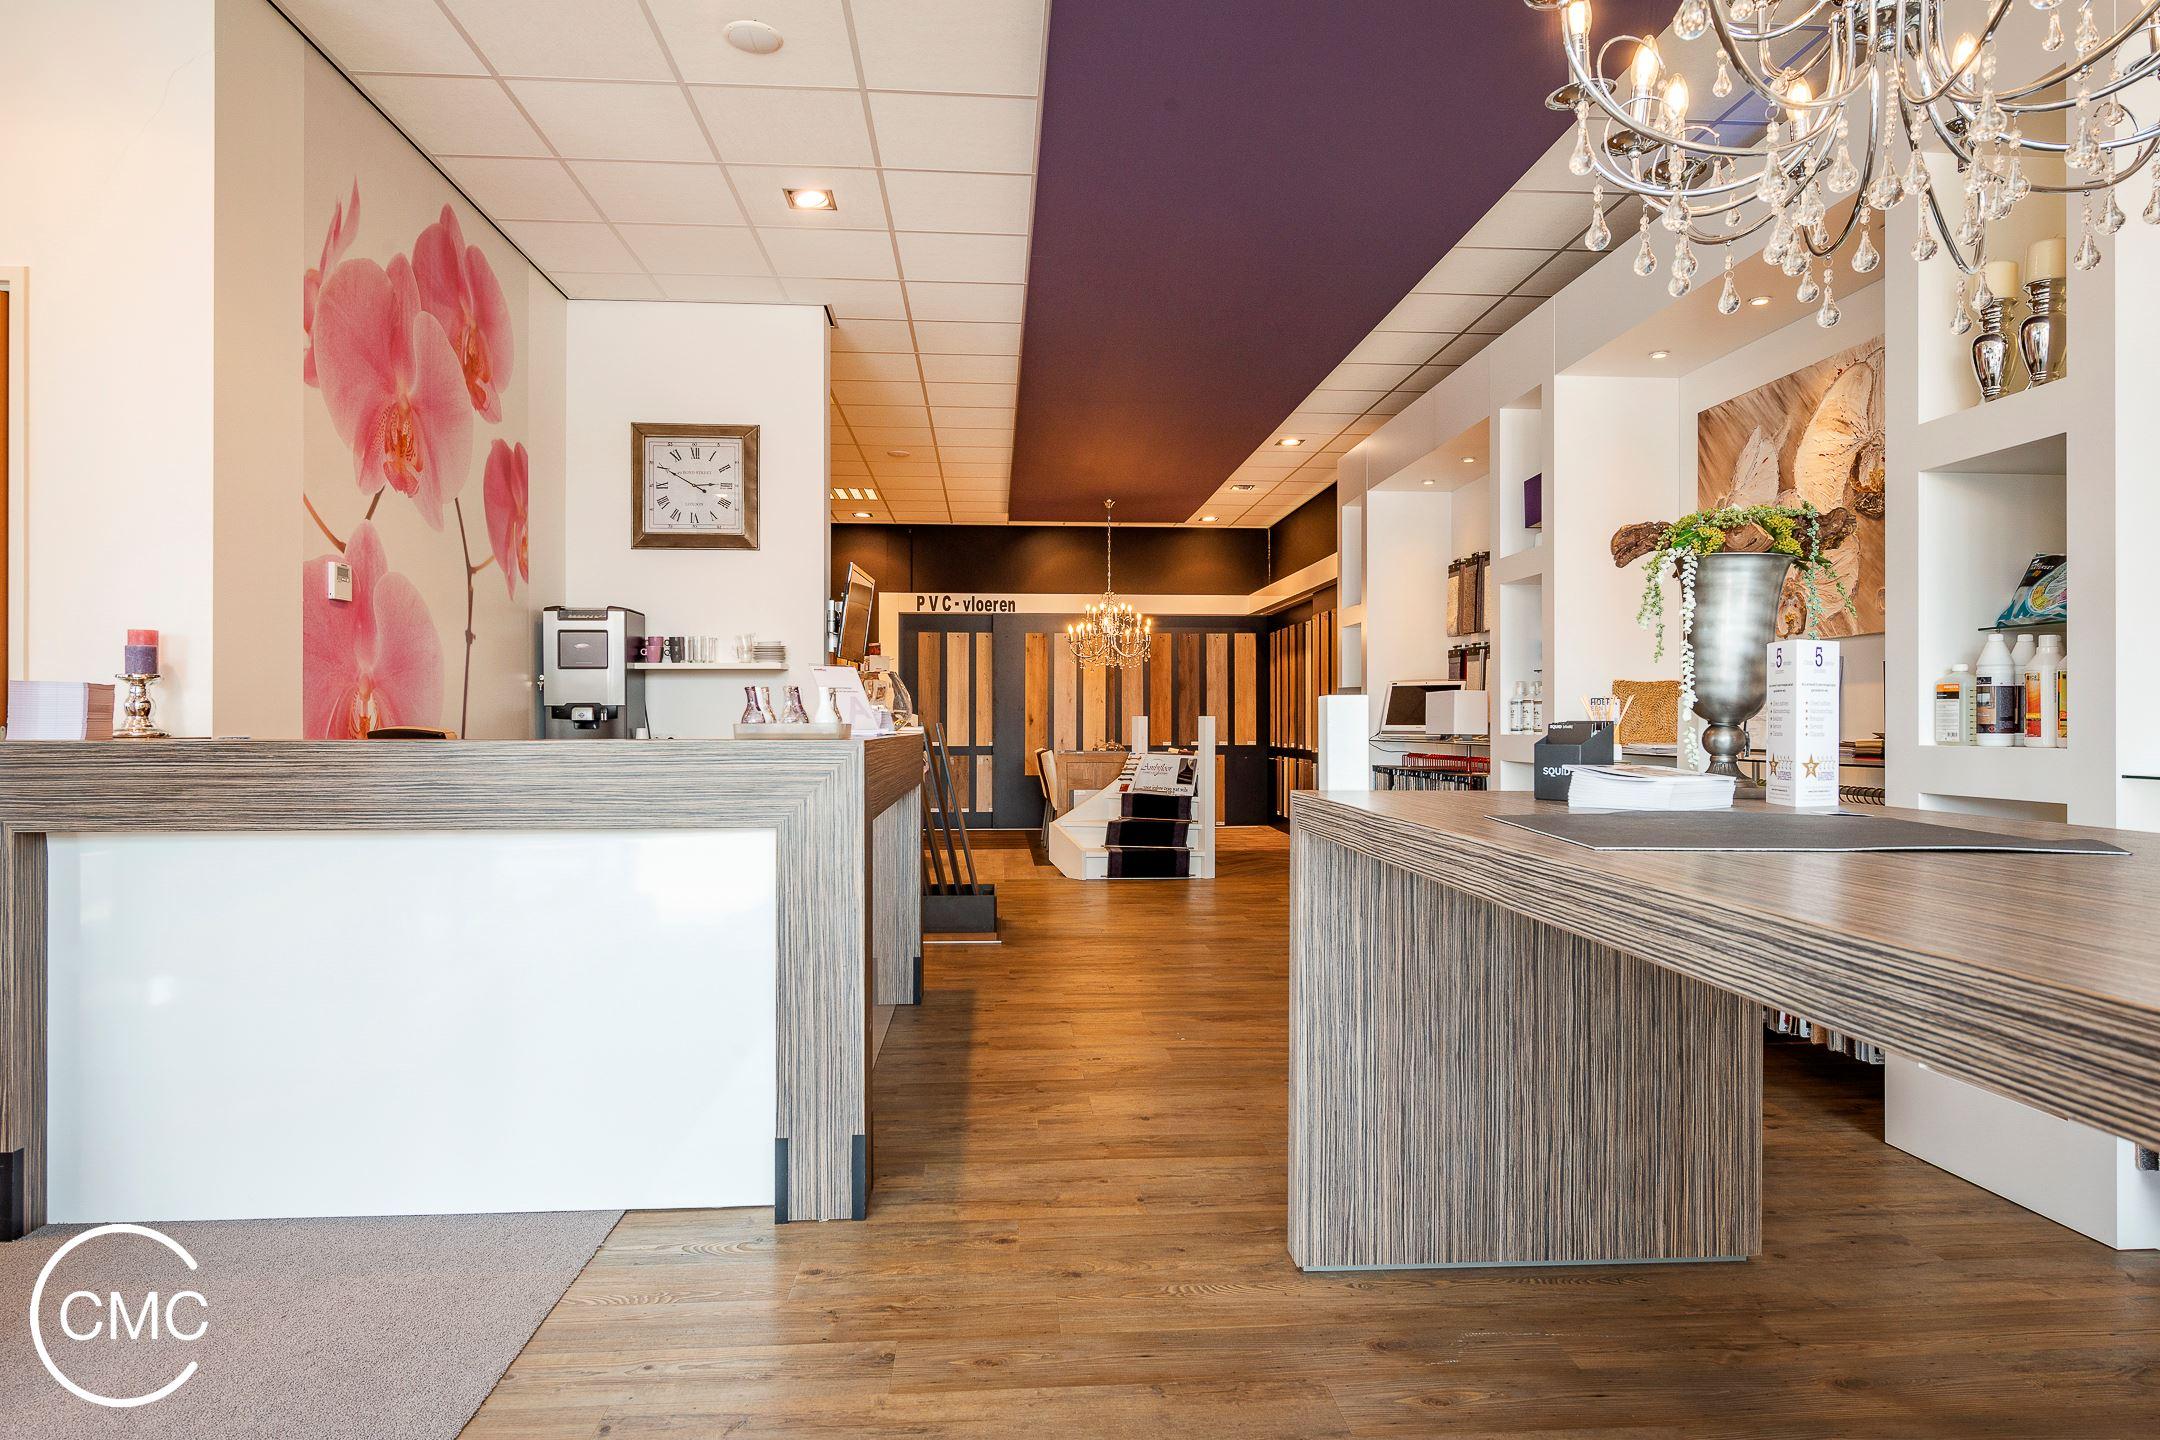 Pvc Vloeren Veenendaal : Kantoor veenendaal zoek kantoren te huur: de smalle zijde 7 3903